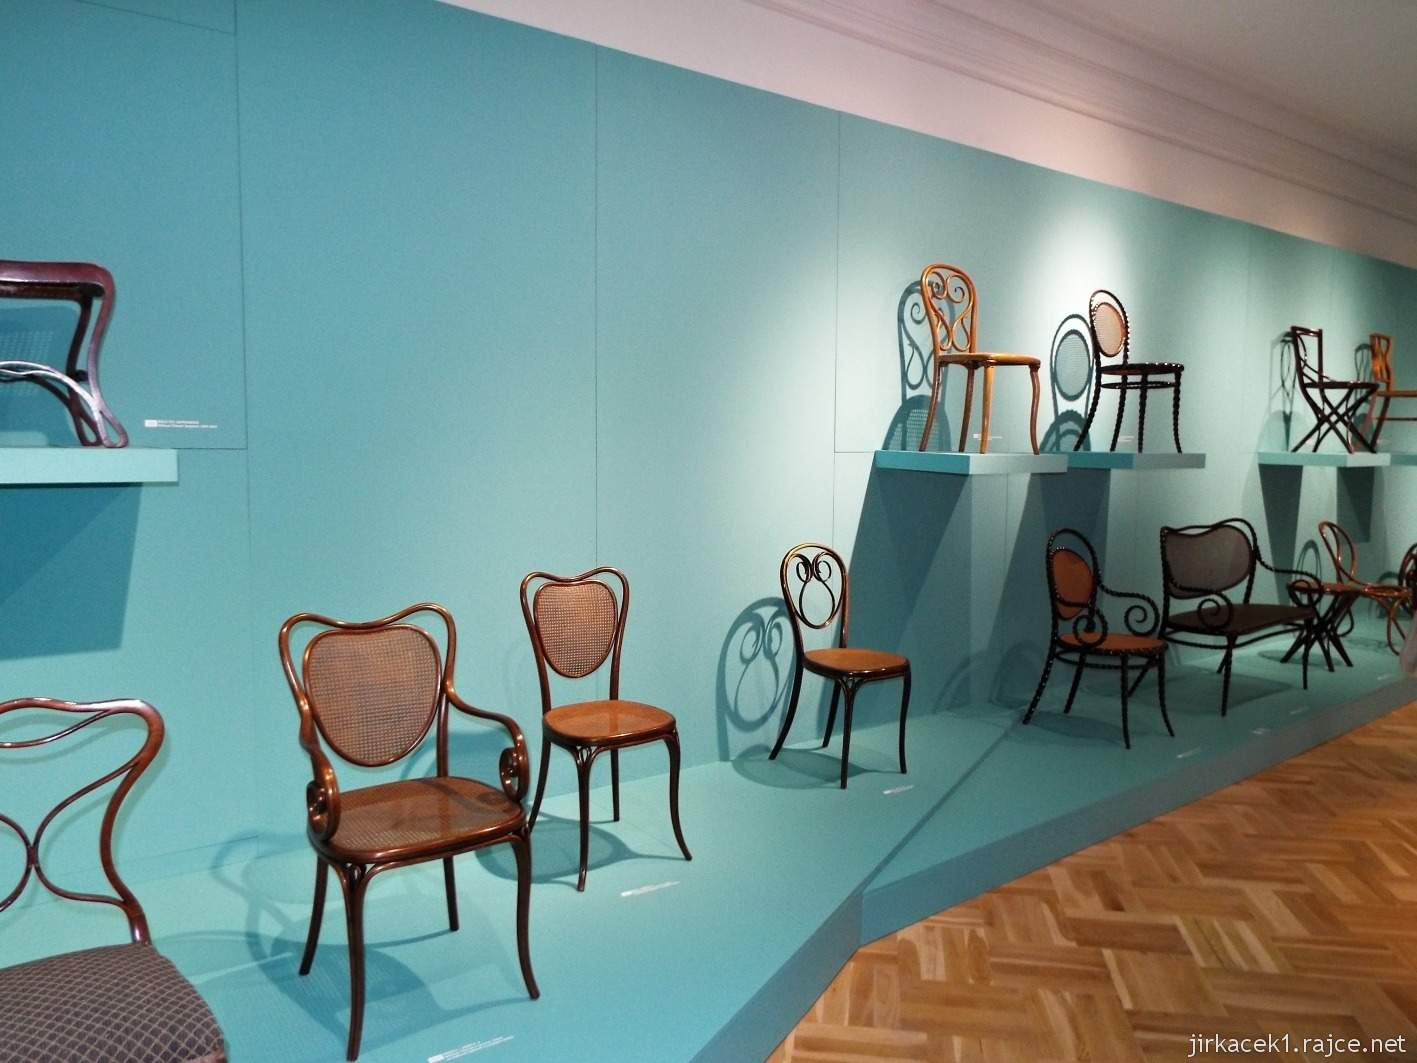 Vsetín - zámek 10 - muzeum - expozice Fenomén ohýbaného nábytku